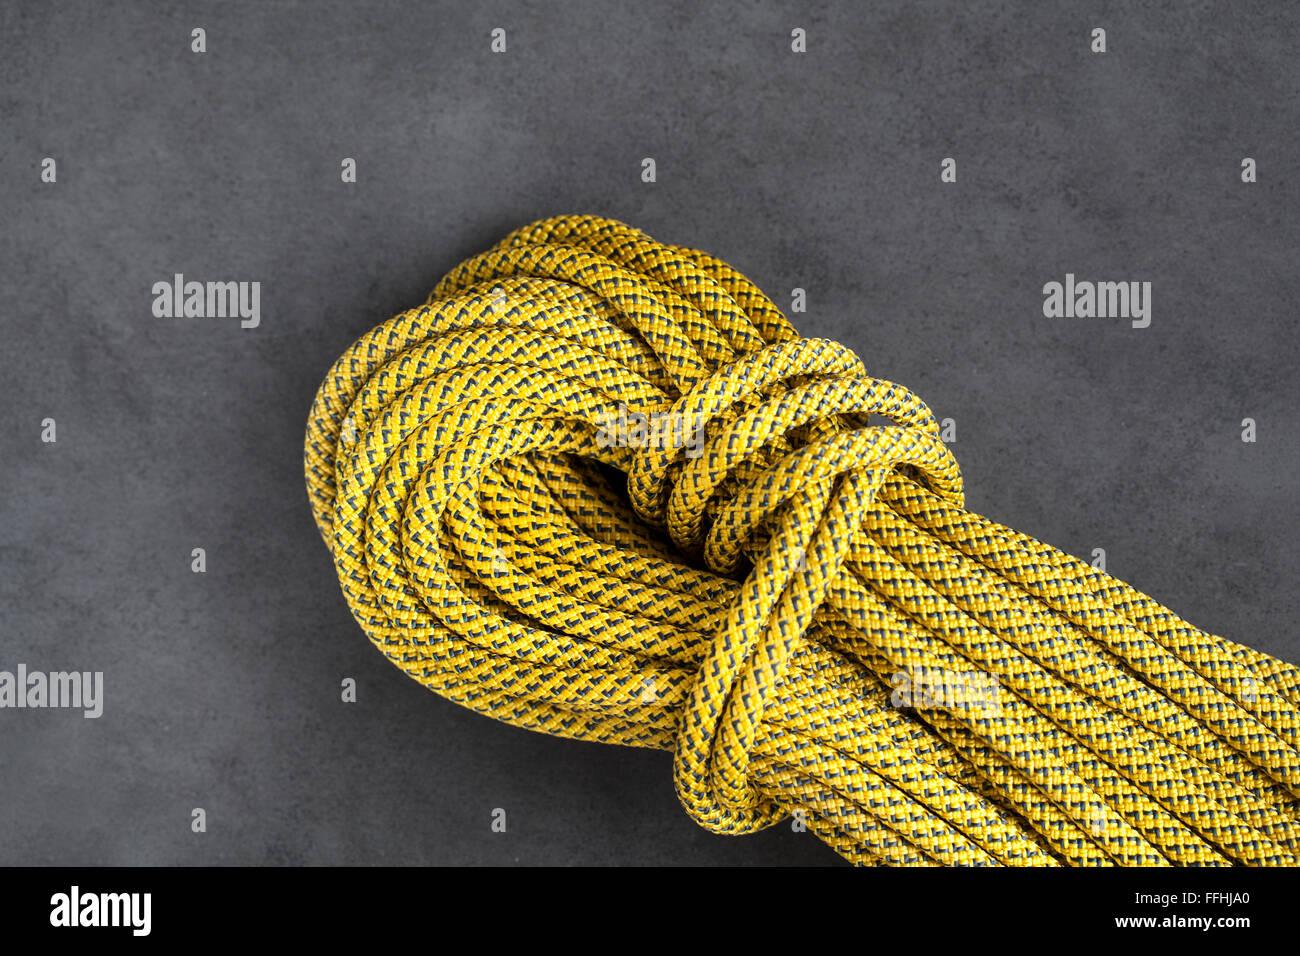 Corde dynamique d'escalade jaune sur fond sombre Photo Stock